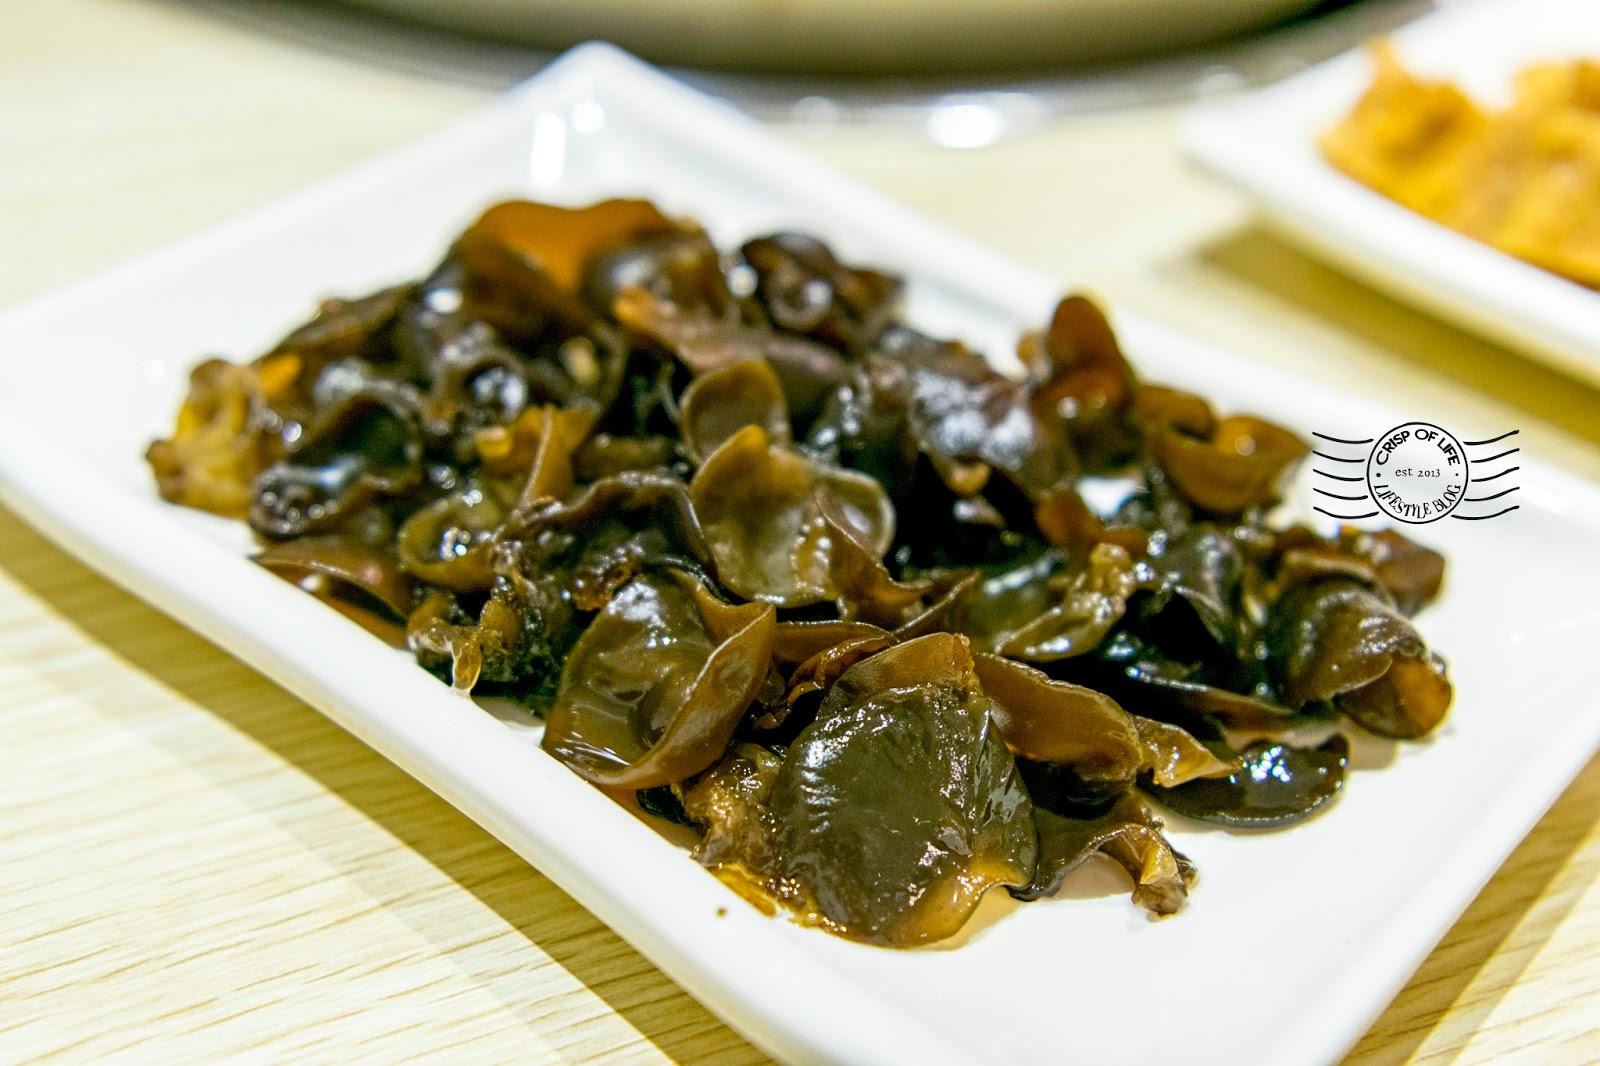 Flavor Food Steamboat 原石锅 @ Burmah Road, Penang